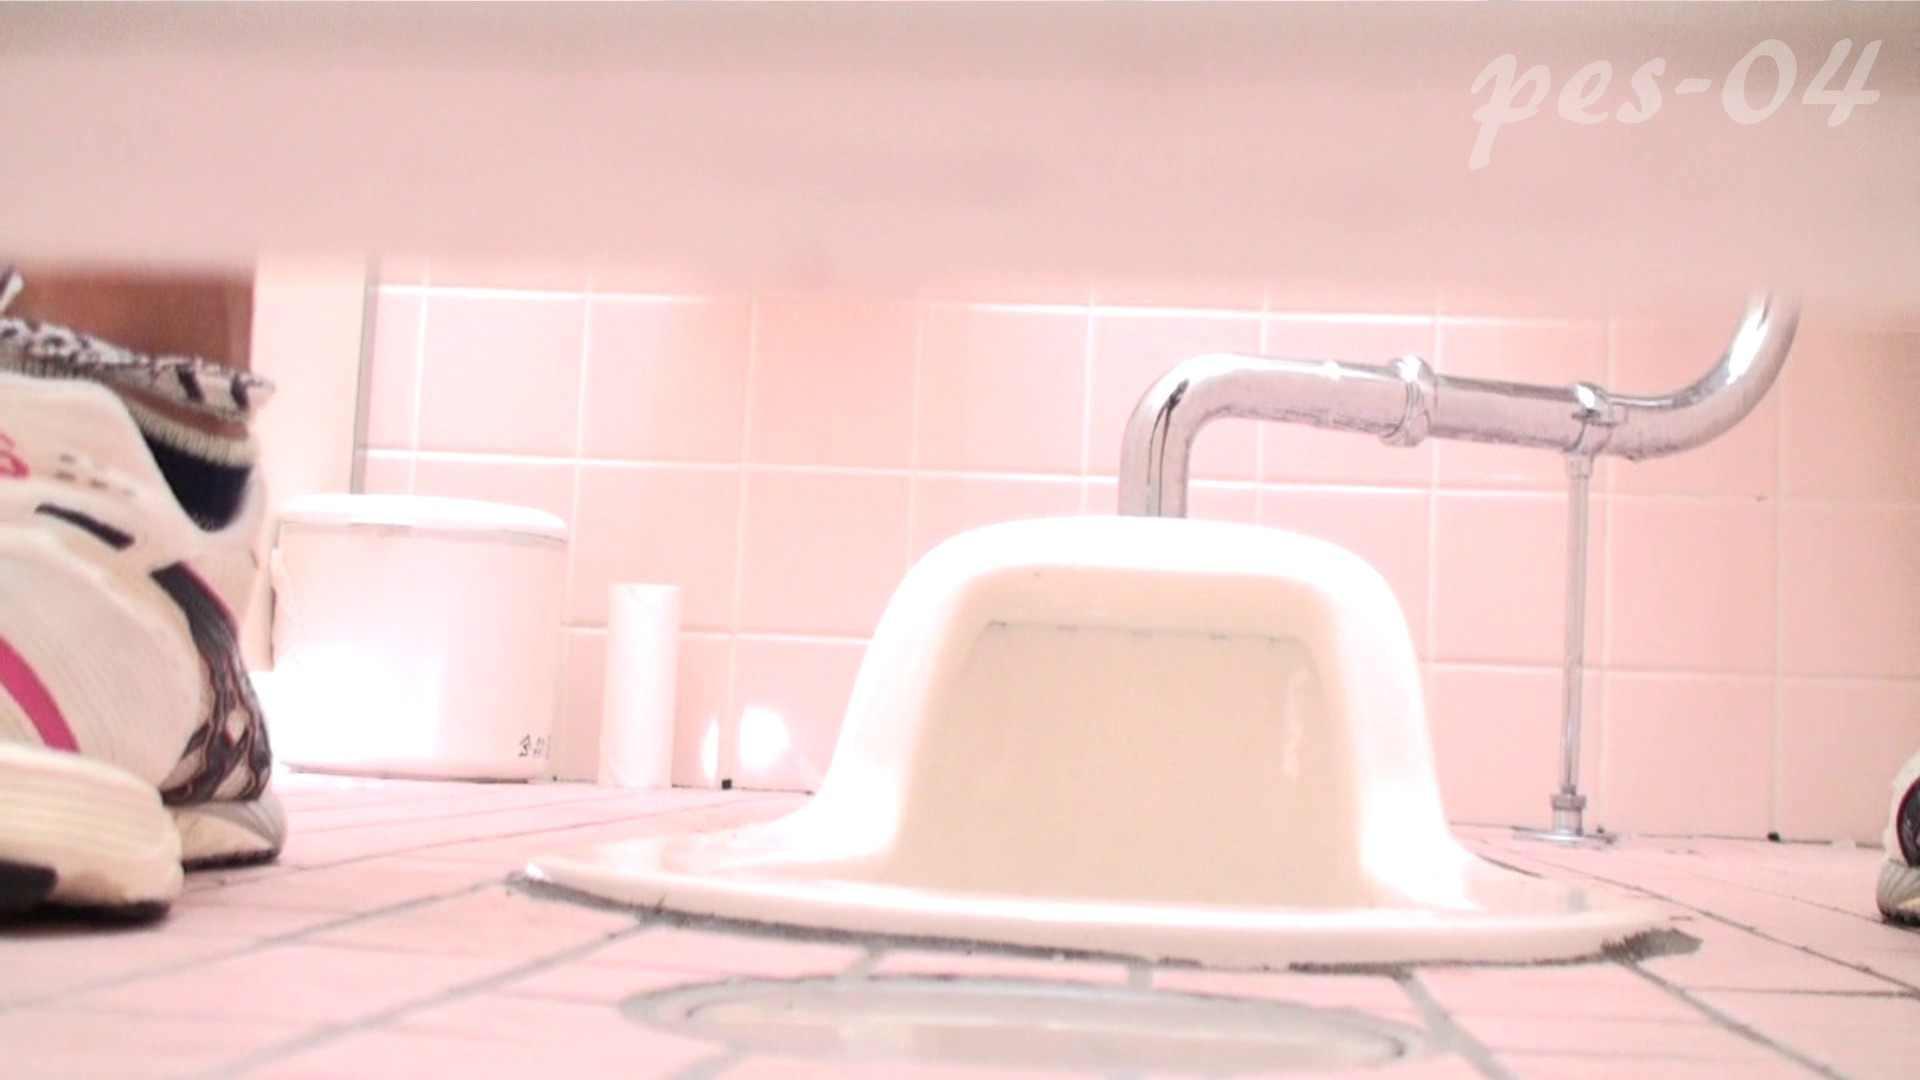 ※100個限定販売 至高下半身盗撮-プレミアム-【体育館編】VOL.4 期間限定シリーズ スケベ動画紹介 58画像 13